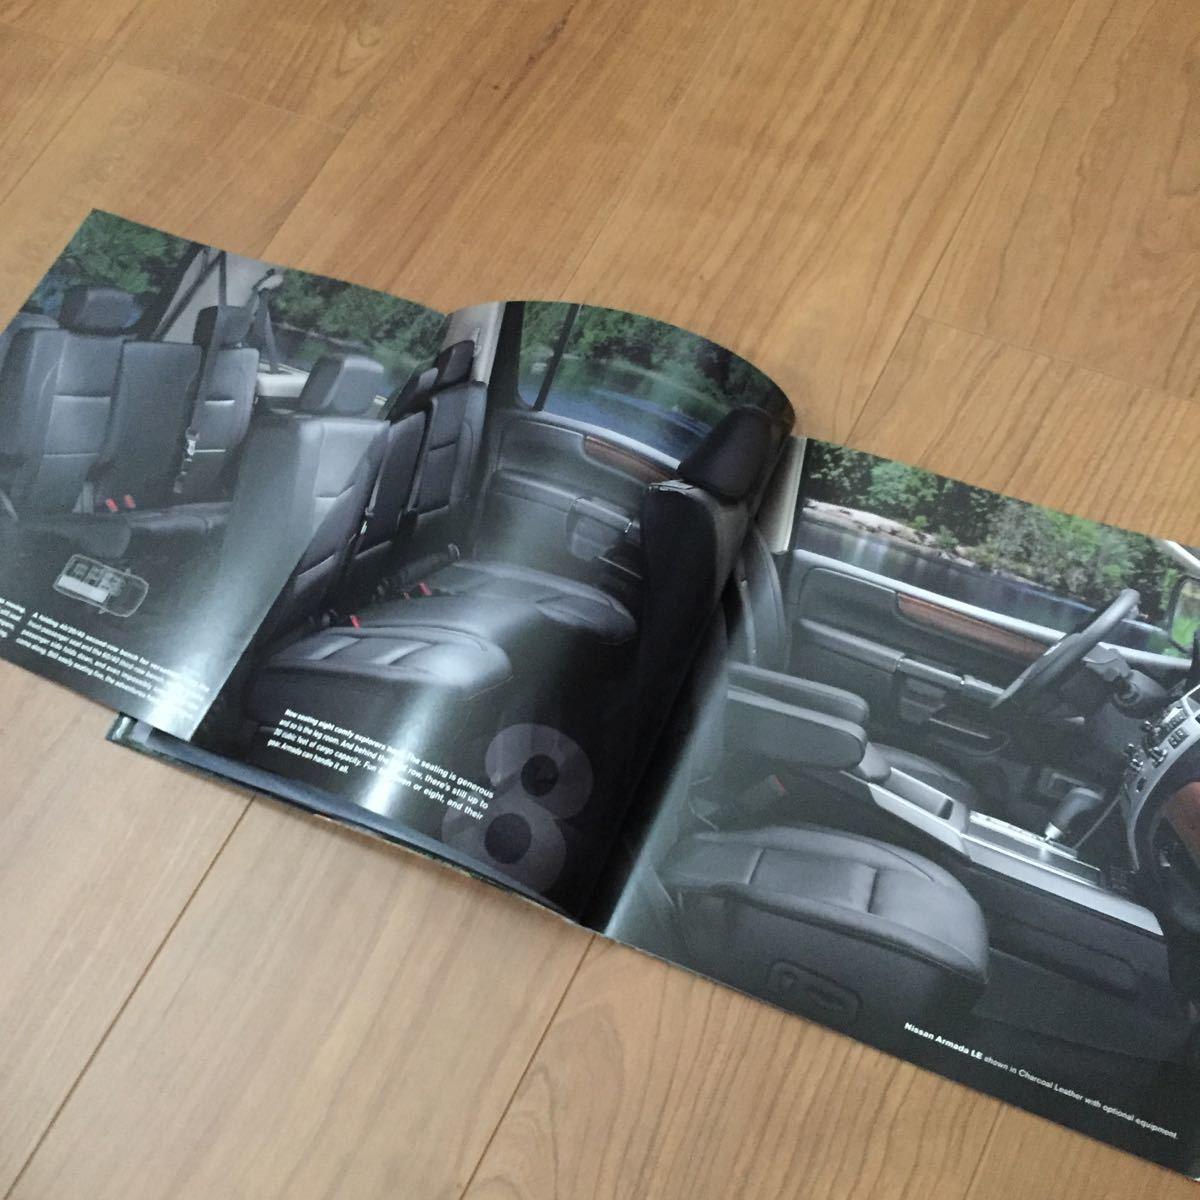 2008 日産 ニッサン アルマーダ Armada アルマダ カタログ USA アメリカ 雑貨 SUV 逆輸入 インフィニティ 広告_画像5